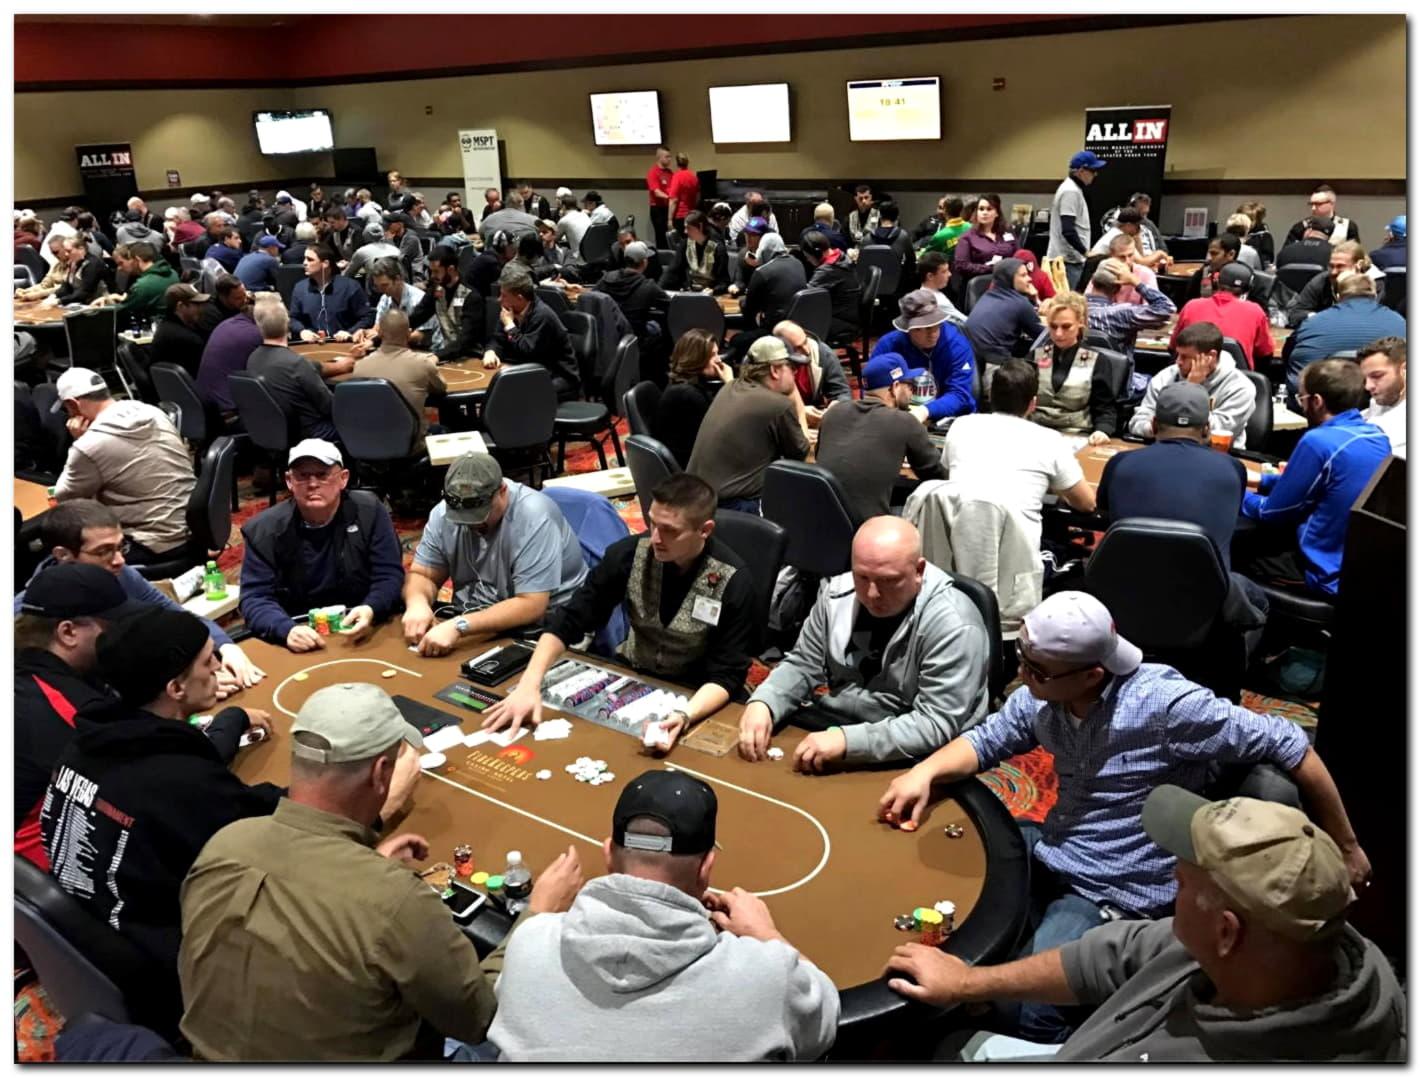 EUR 2440 NO DEPOSIT BONUS CASINO at Mrgreen Casino